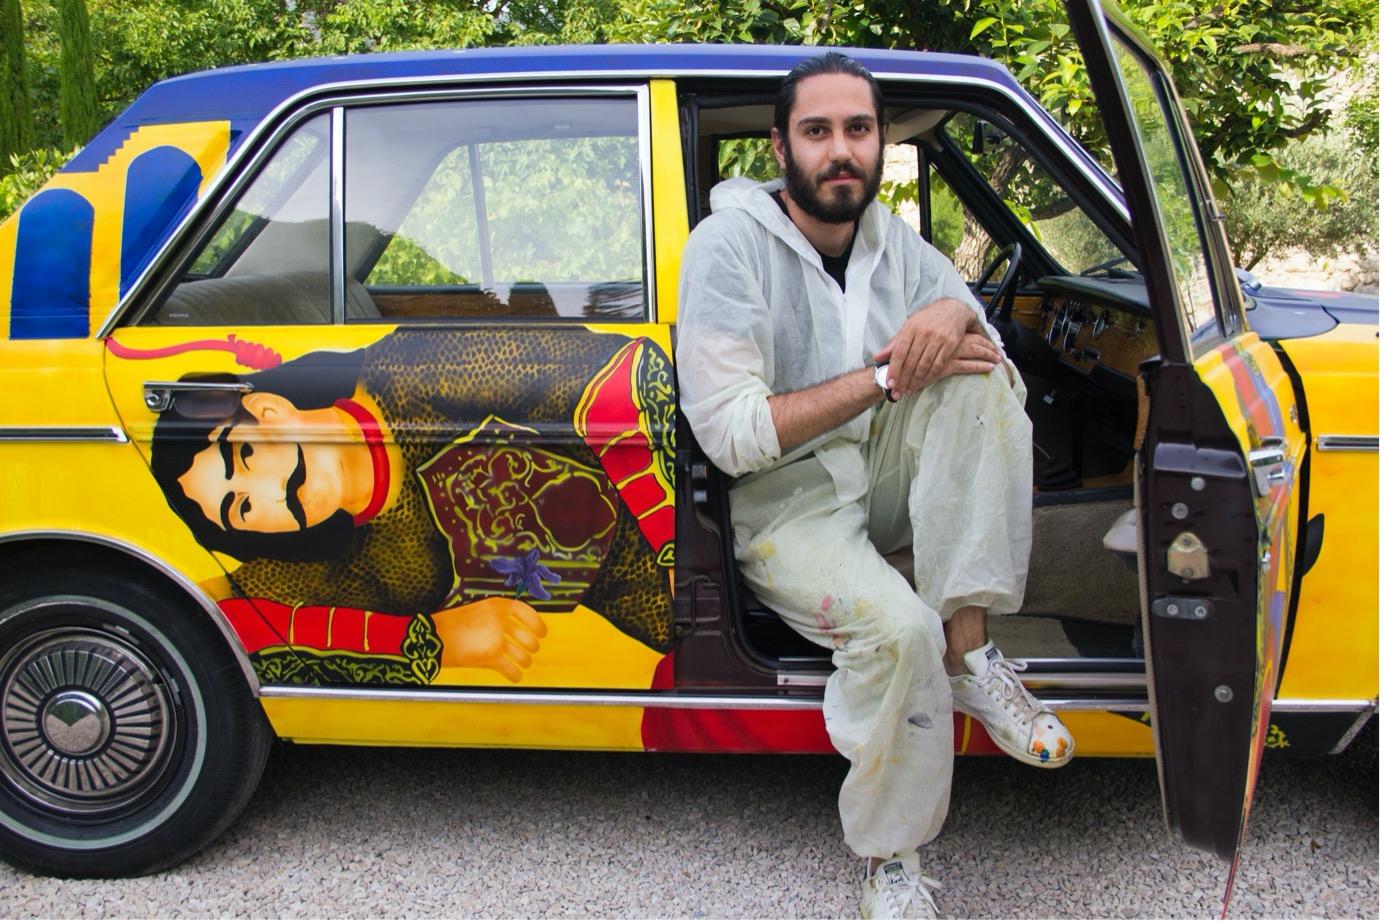 L'artiste iranien Alireza Shojaian pose devant son oeuvre, la PaykanArtCar, une oeuvre qui devait être exposée à Asia Now.